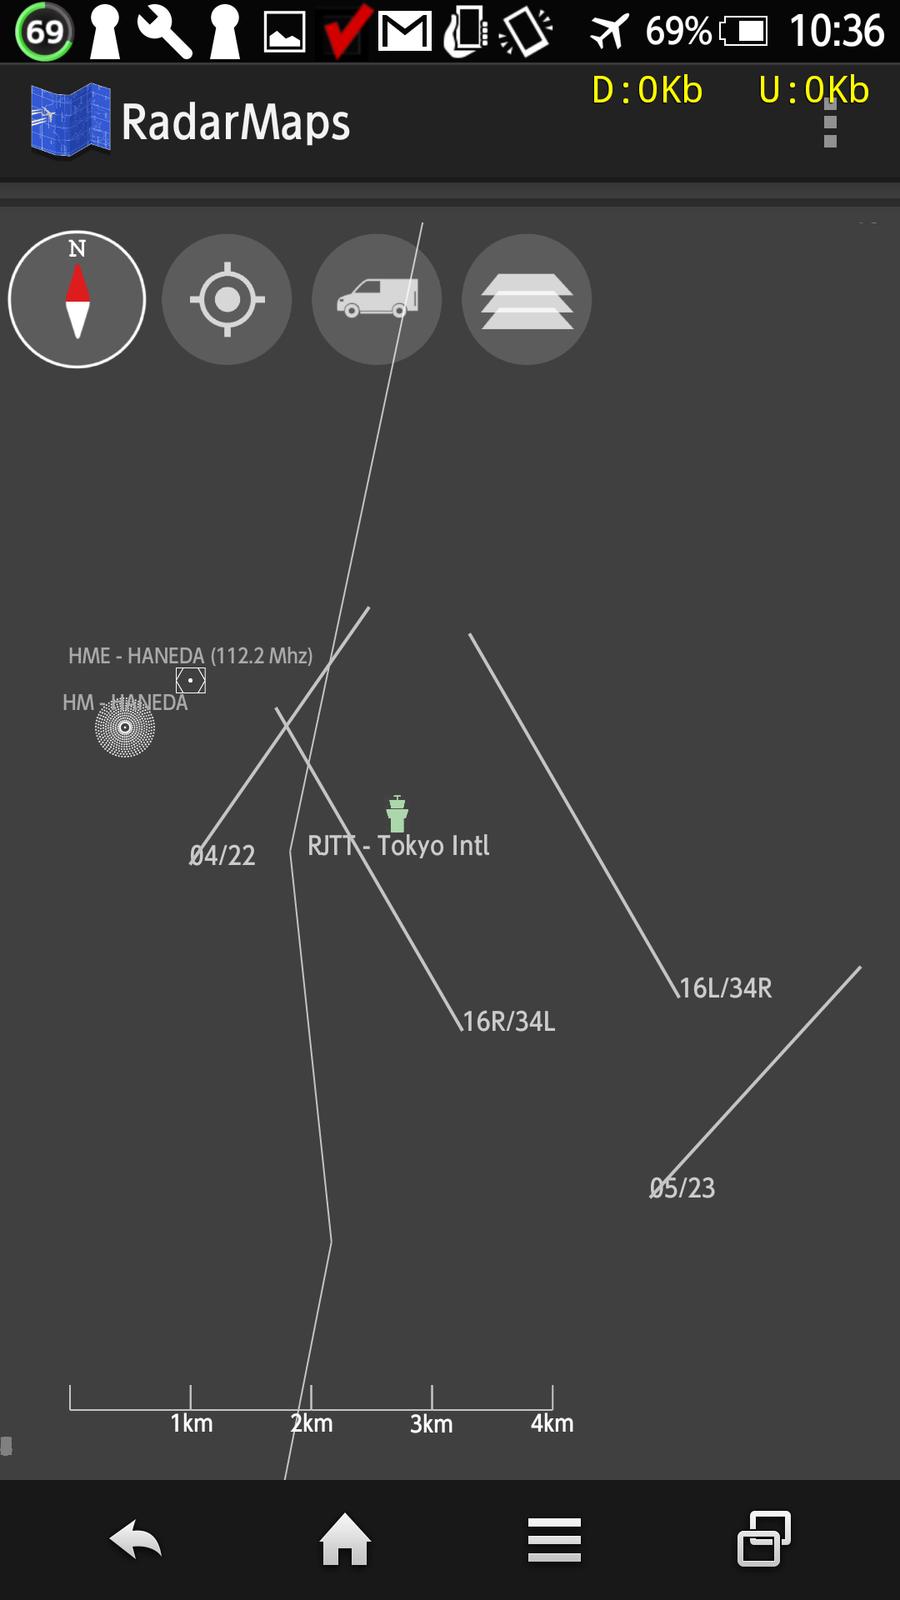 Radarmaps_2